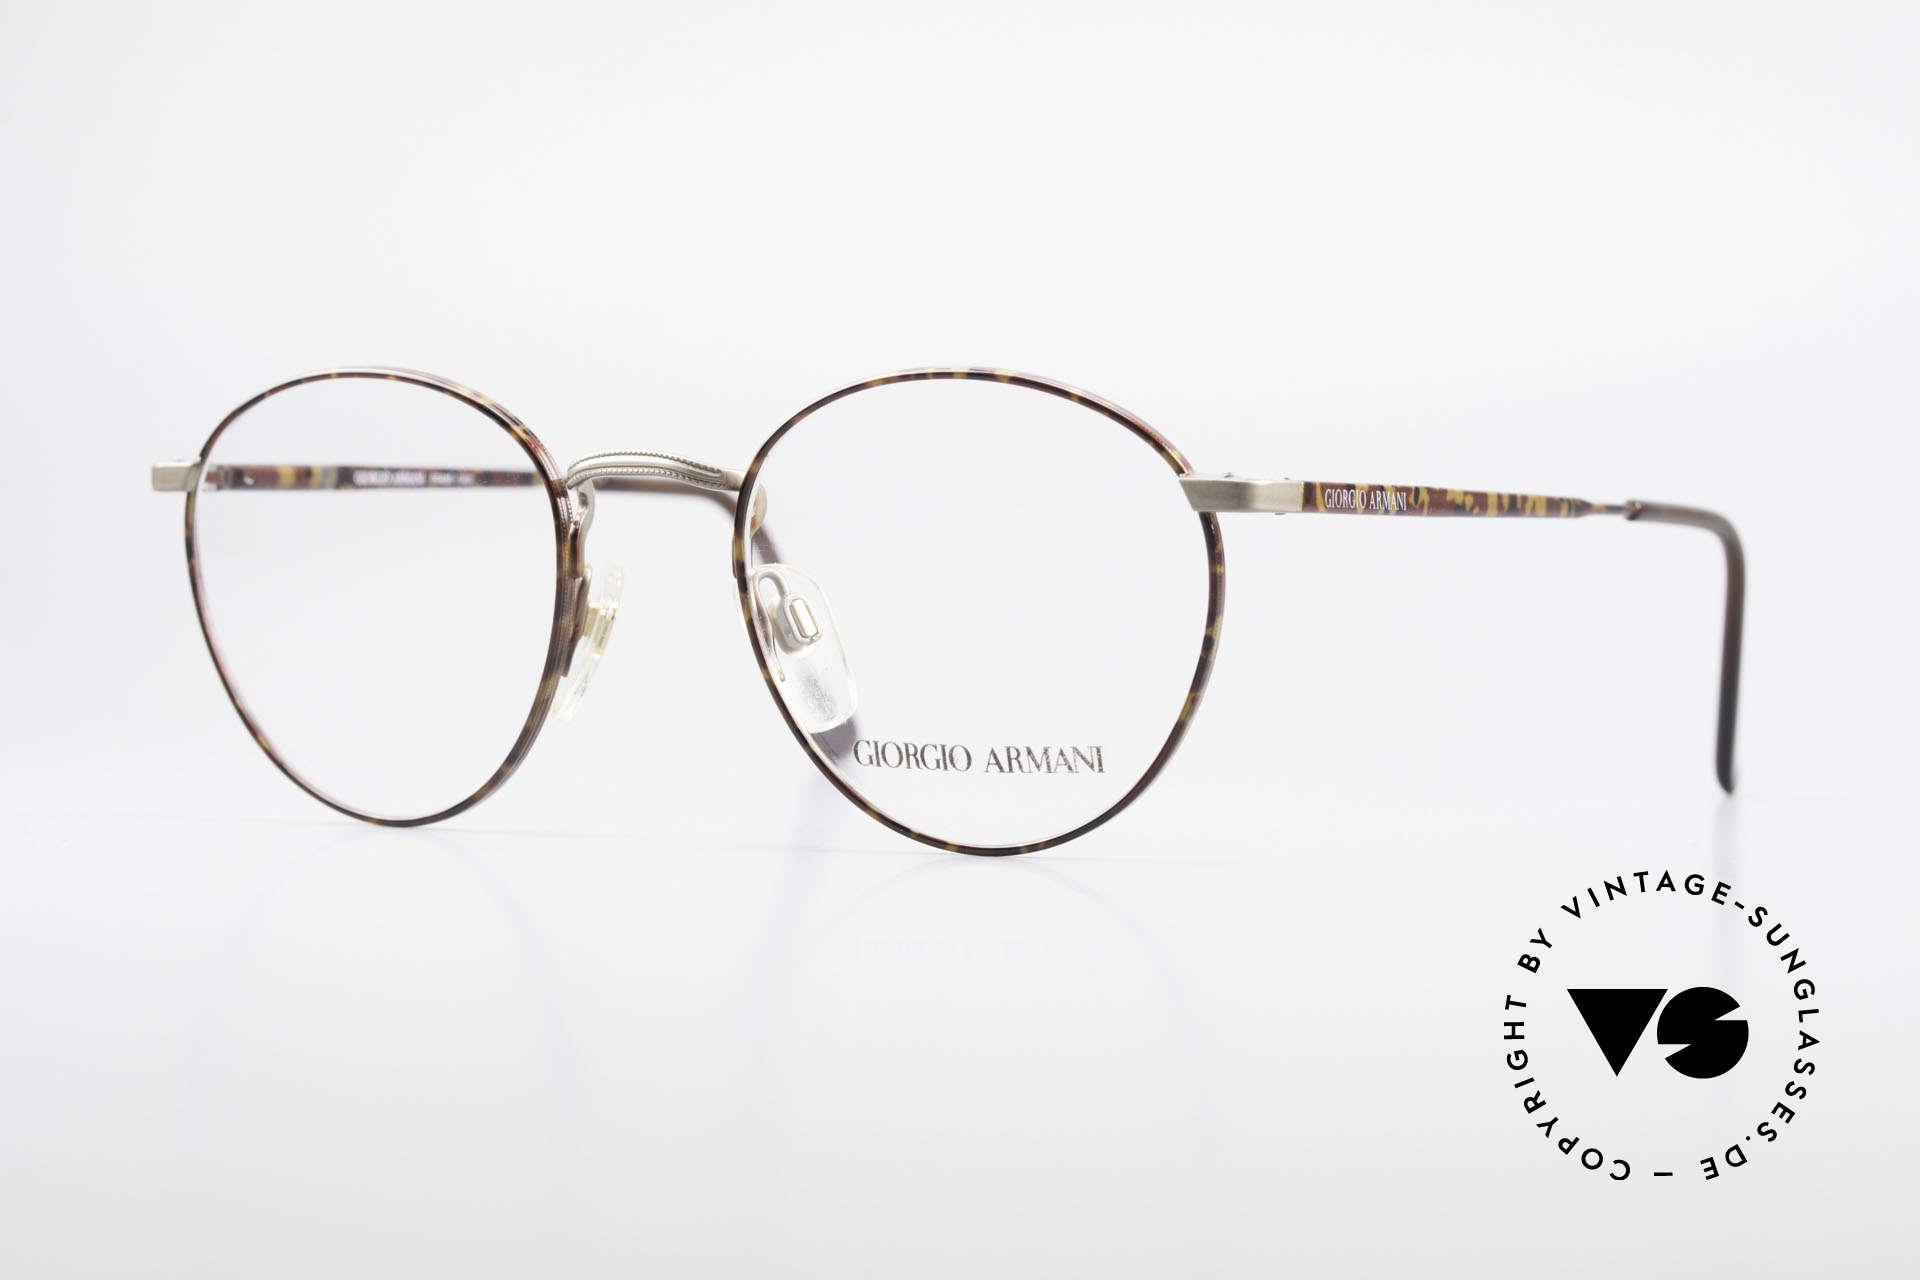 Giorgio Armani 166 No Retro Brille 80er Panto, Panto GIORGIO Armani vintage Designer-Fassung, Passend für Herren